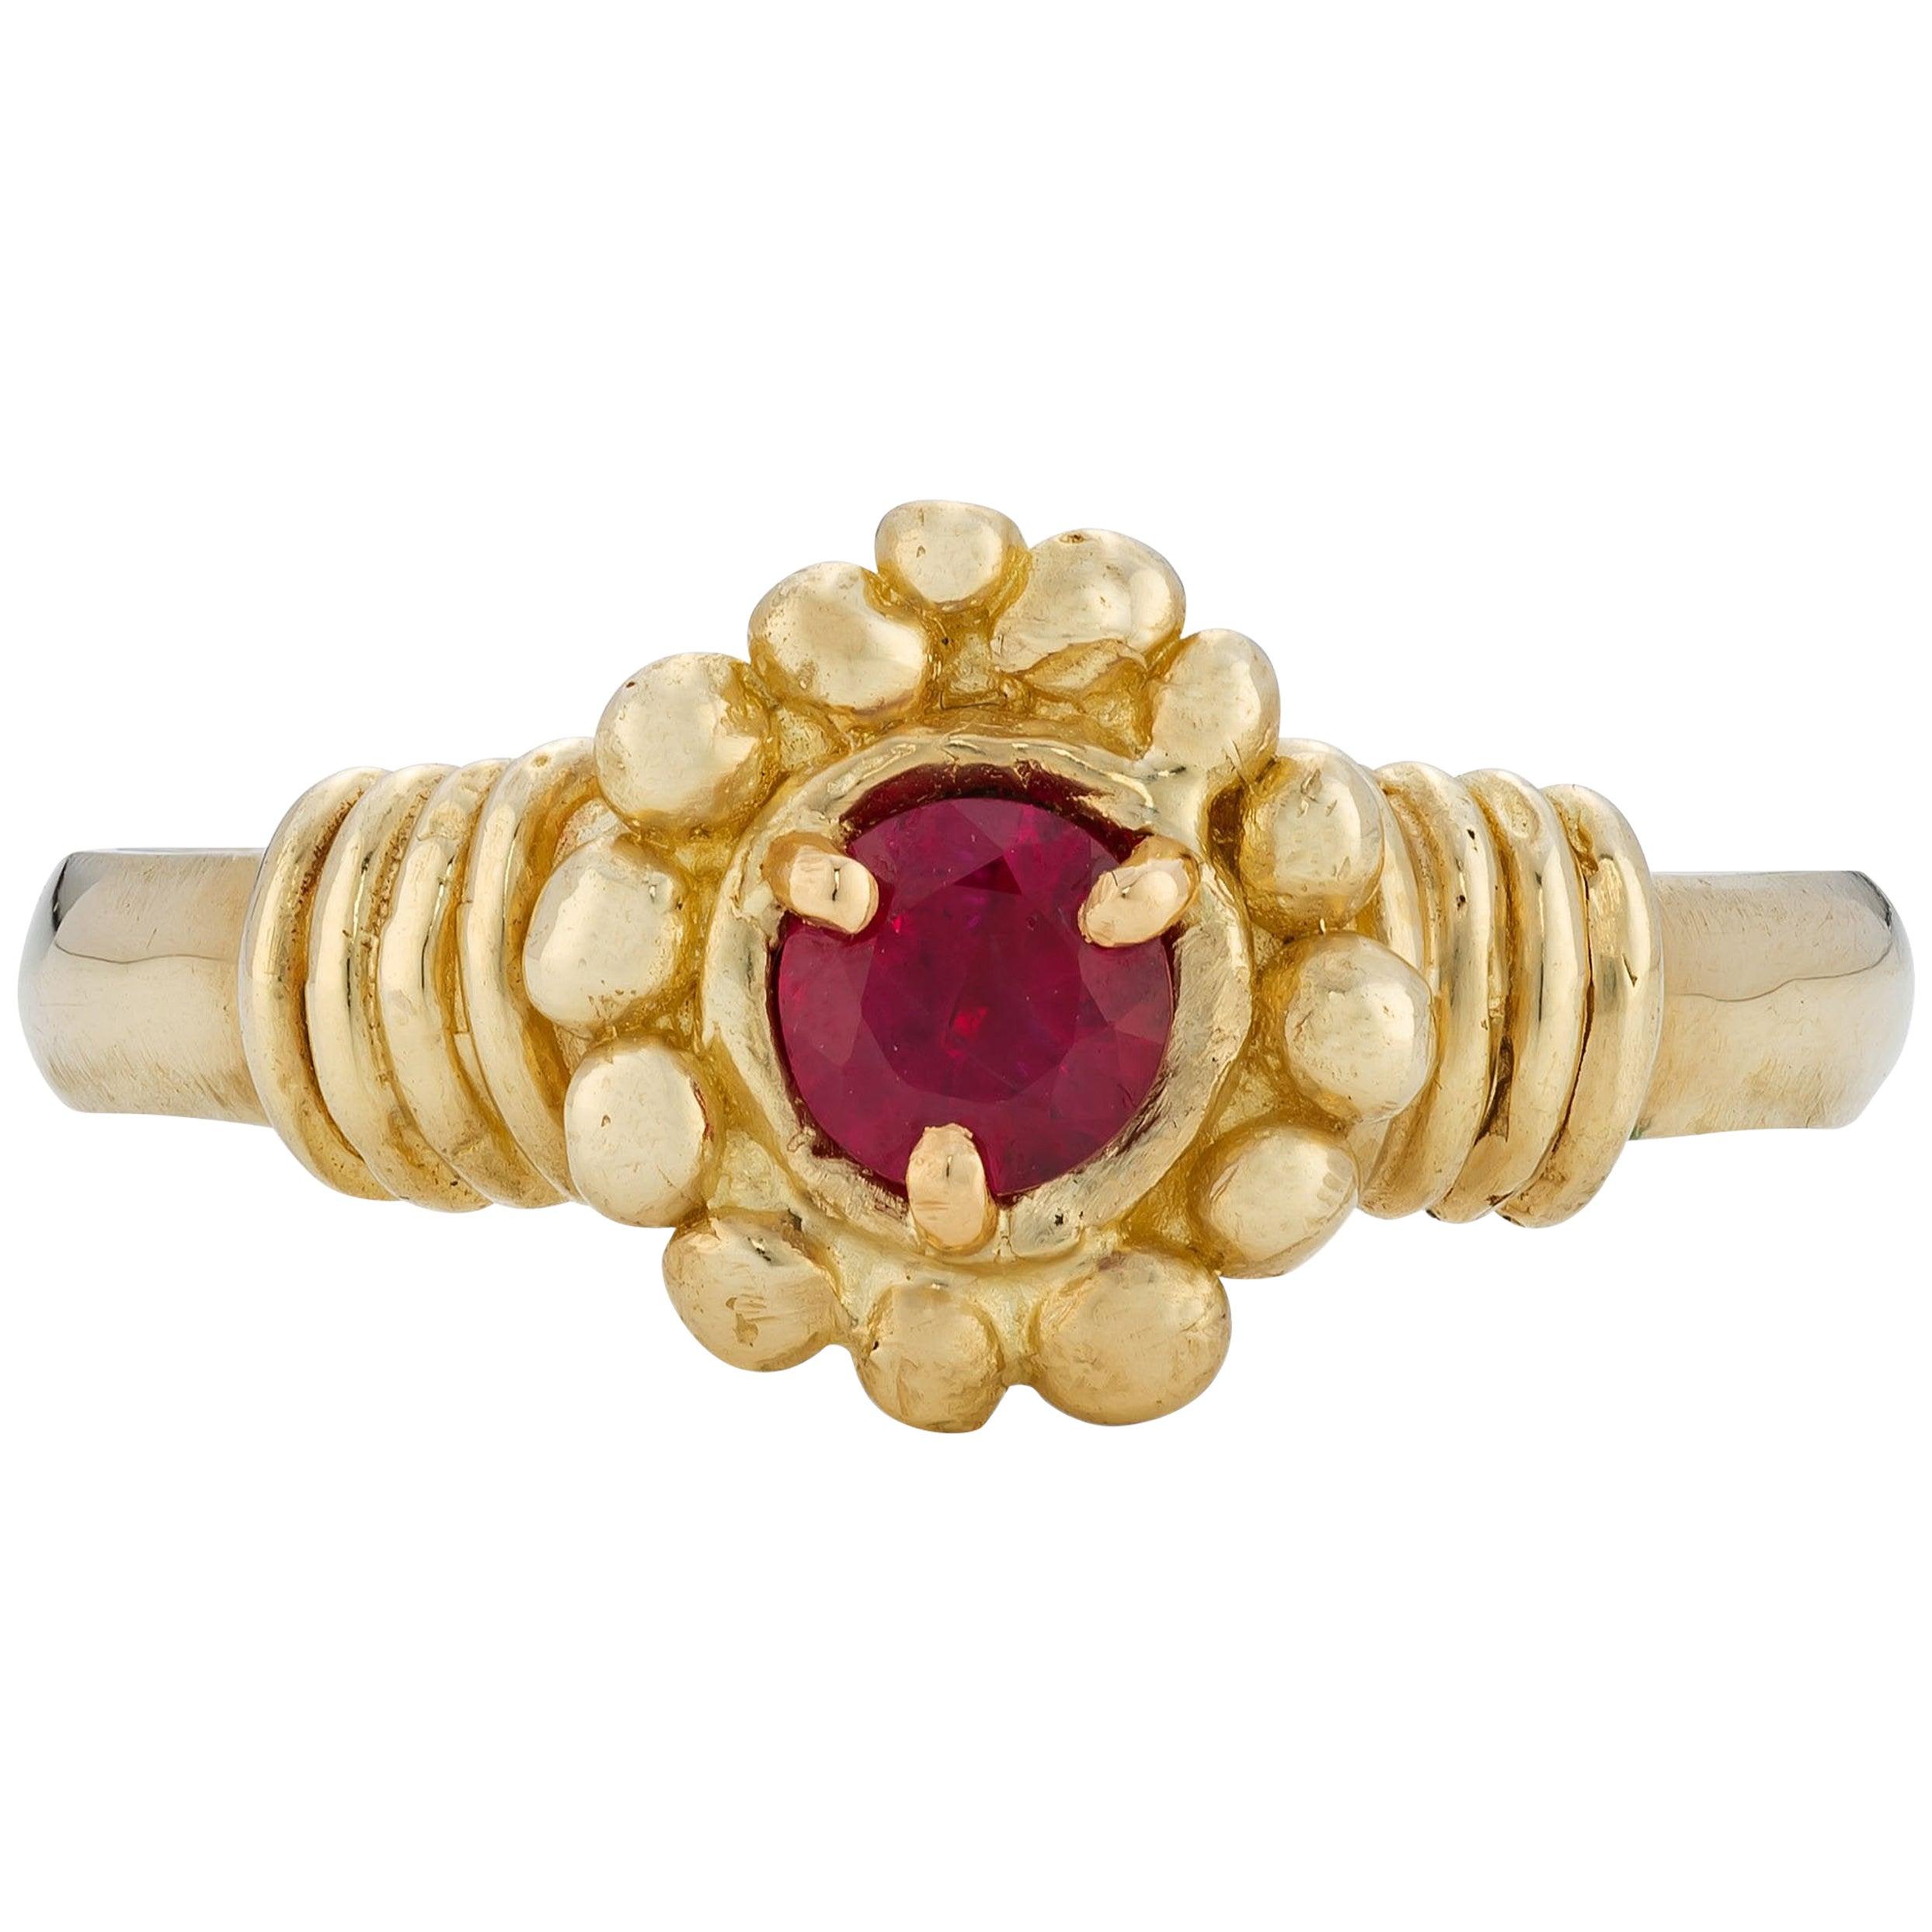 Kalimeris Ring, 18 Karat Yellow Gold with Ruby